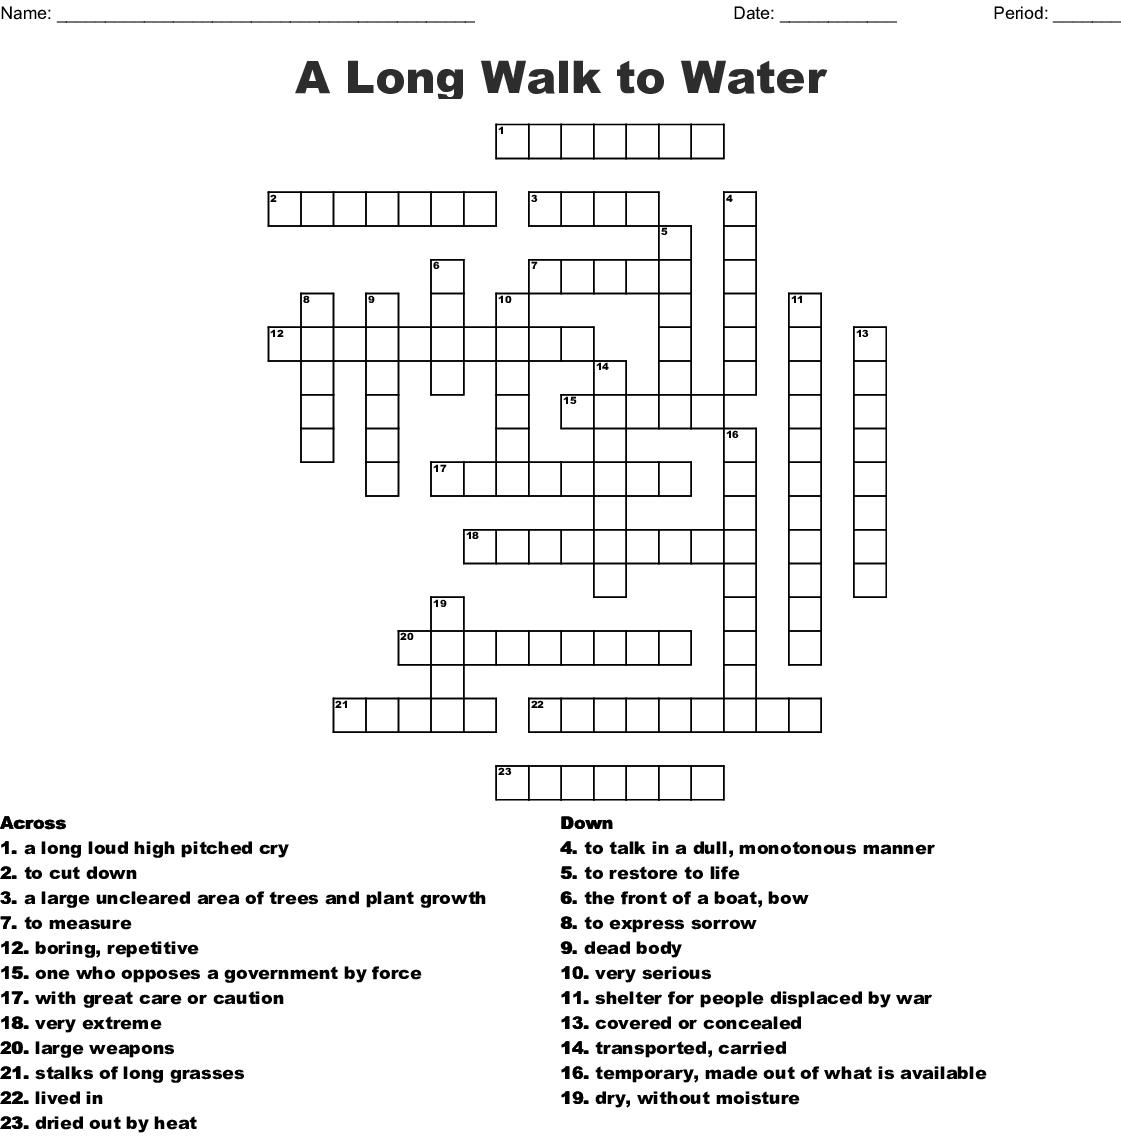 A Long Walk To Water Crossword